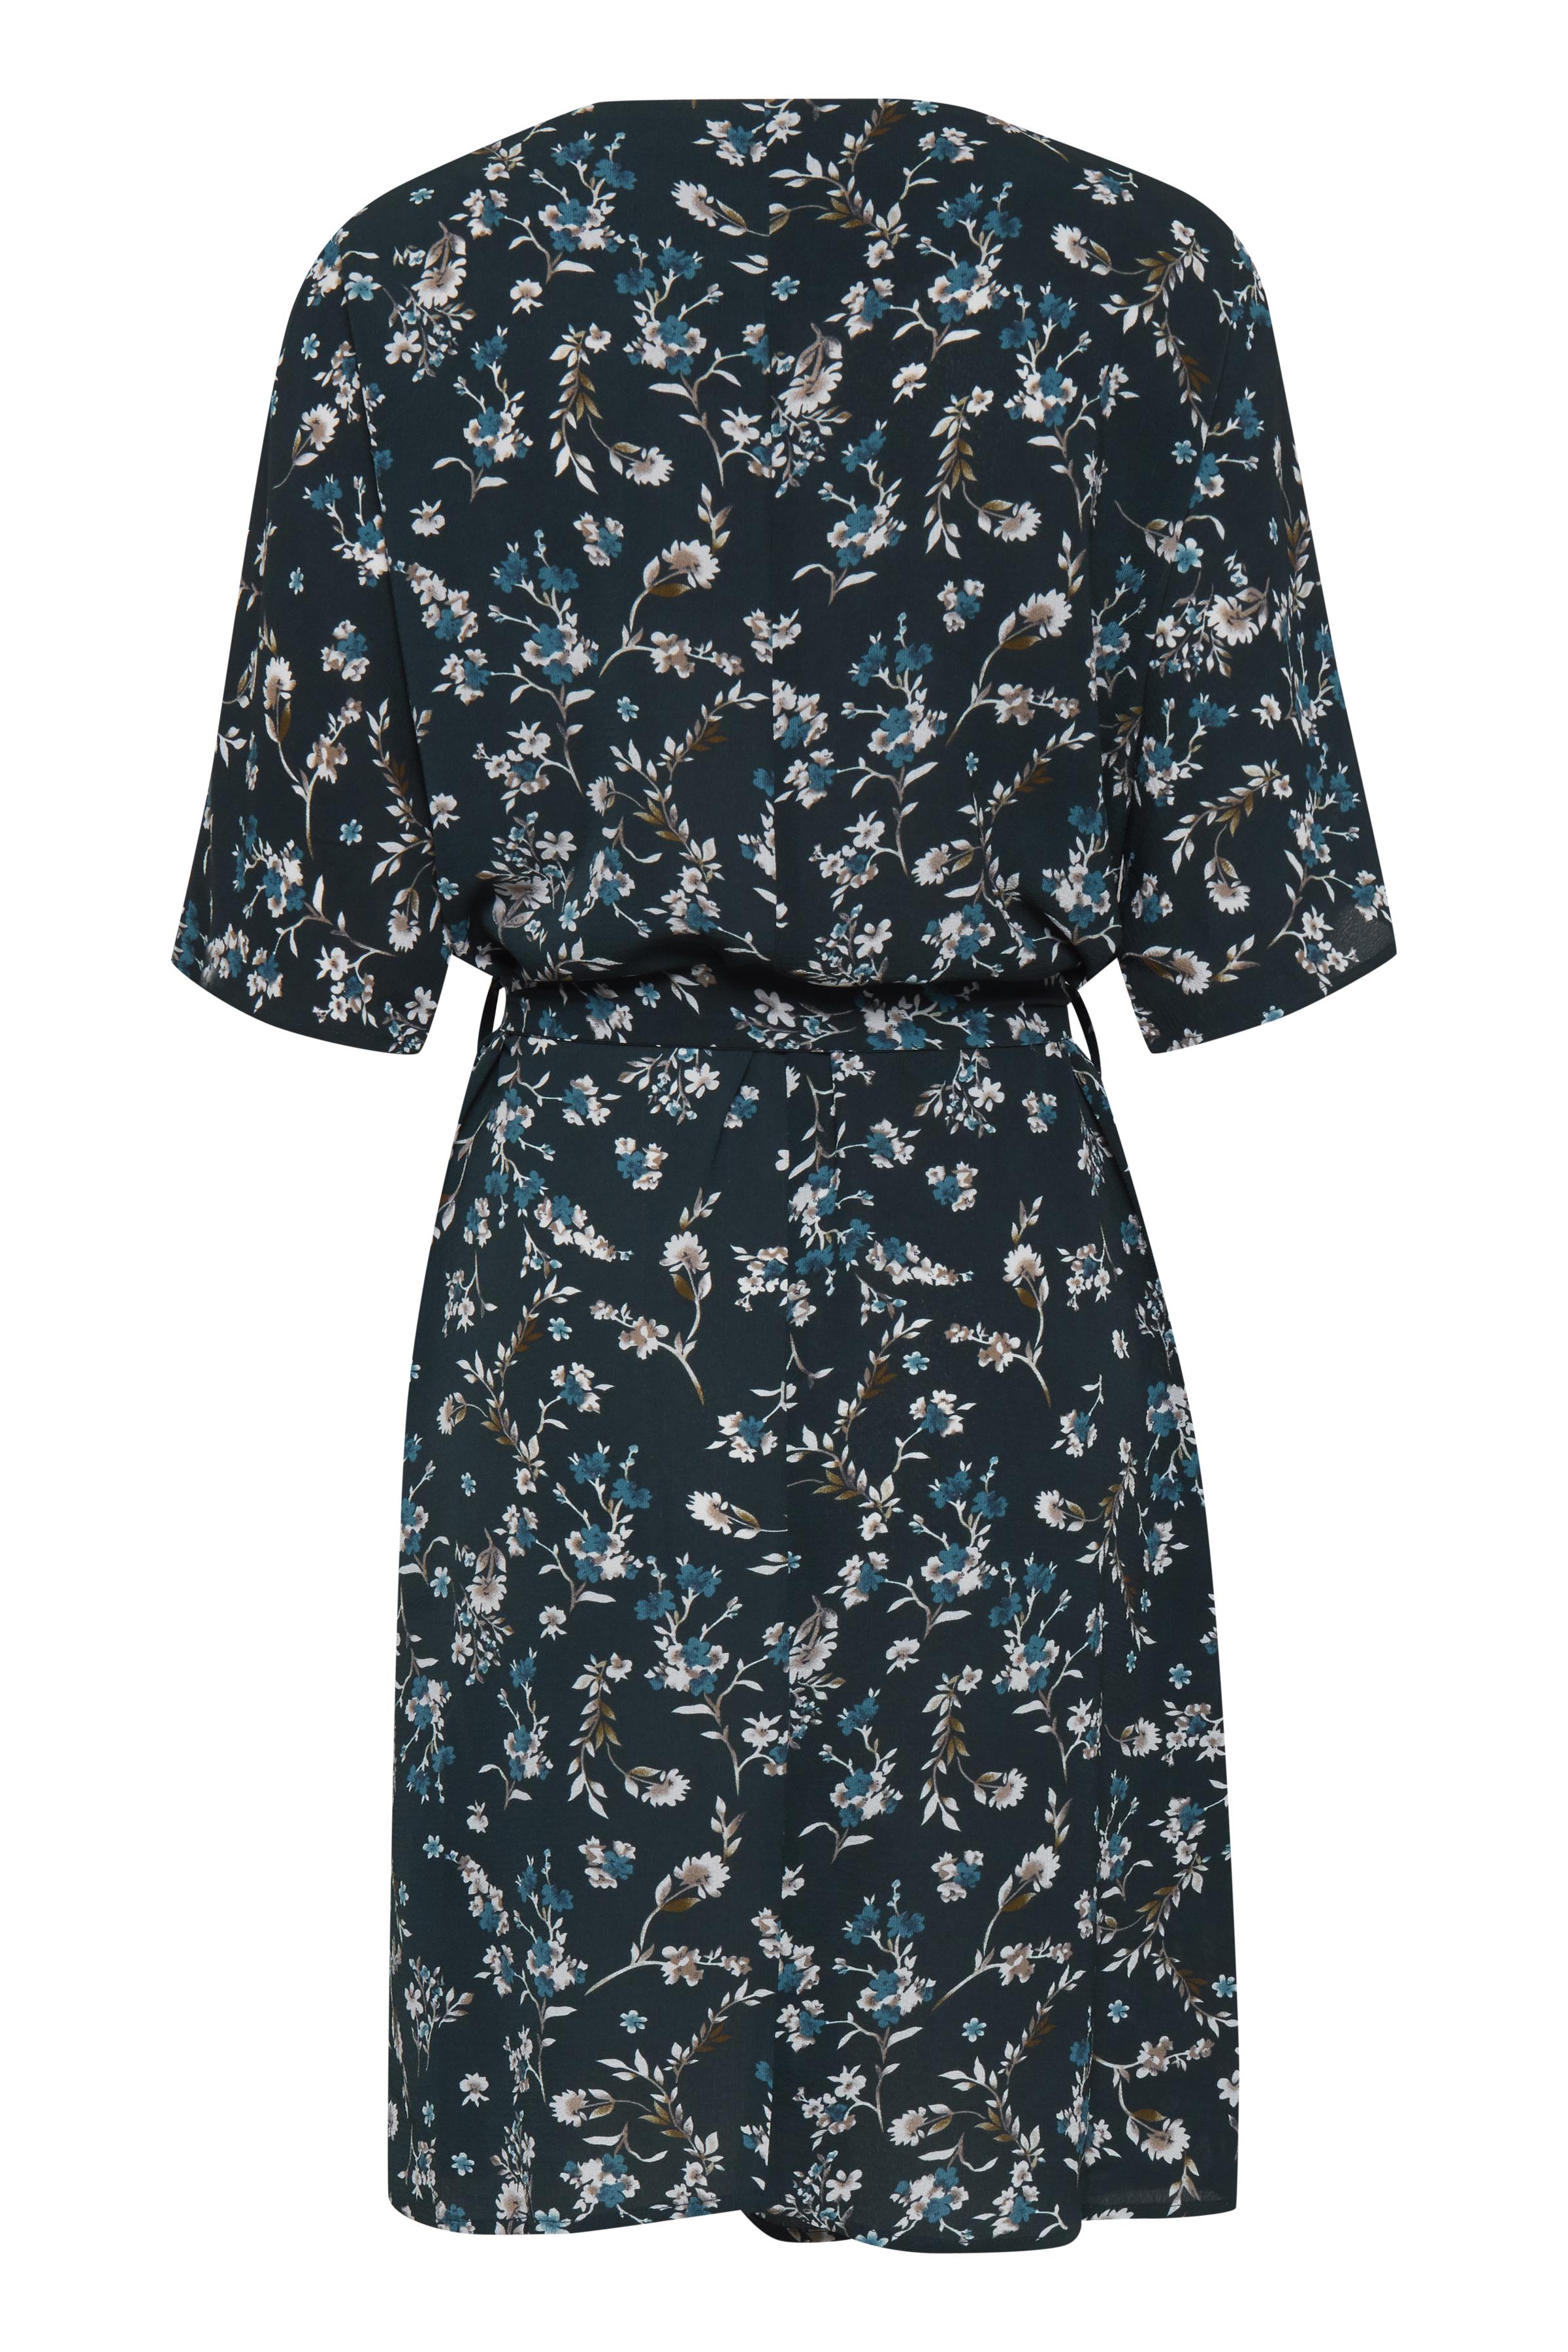 Green combi 1 Kleid von b.young – Kaufen Sie Green combi 1 Kleid aus Größe 34-42 hier